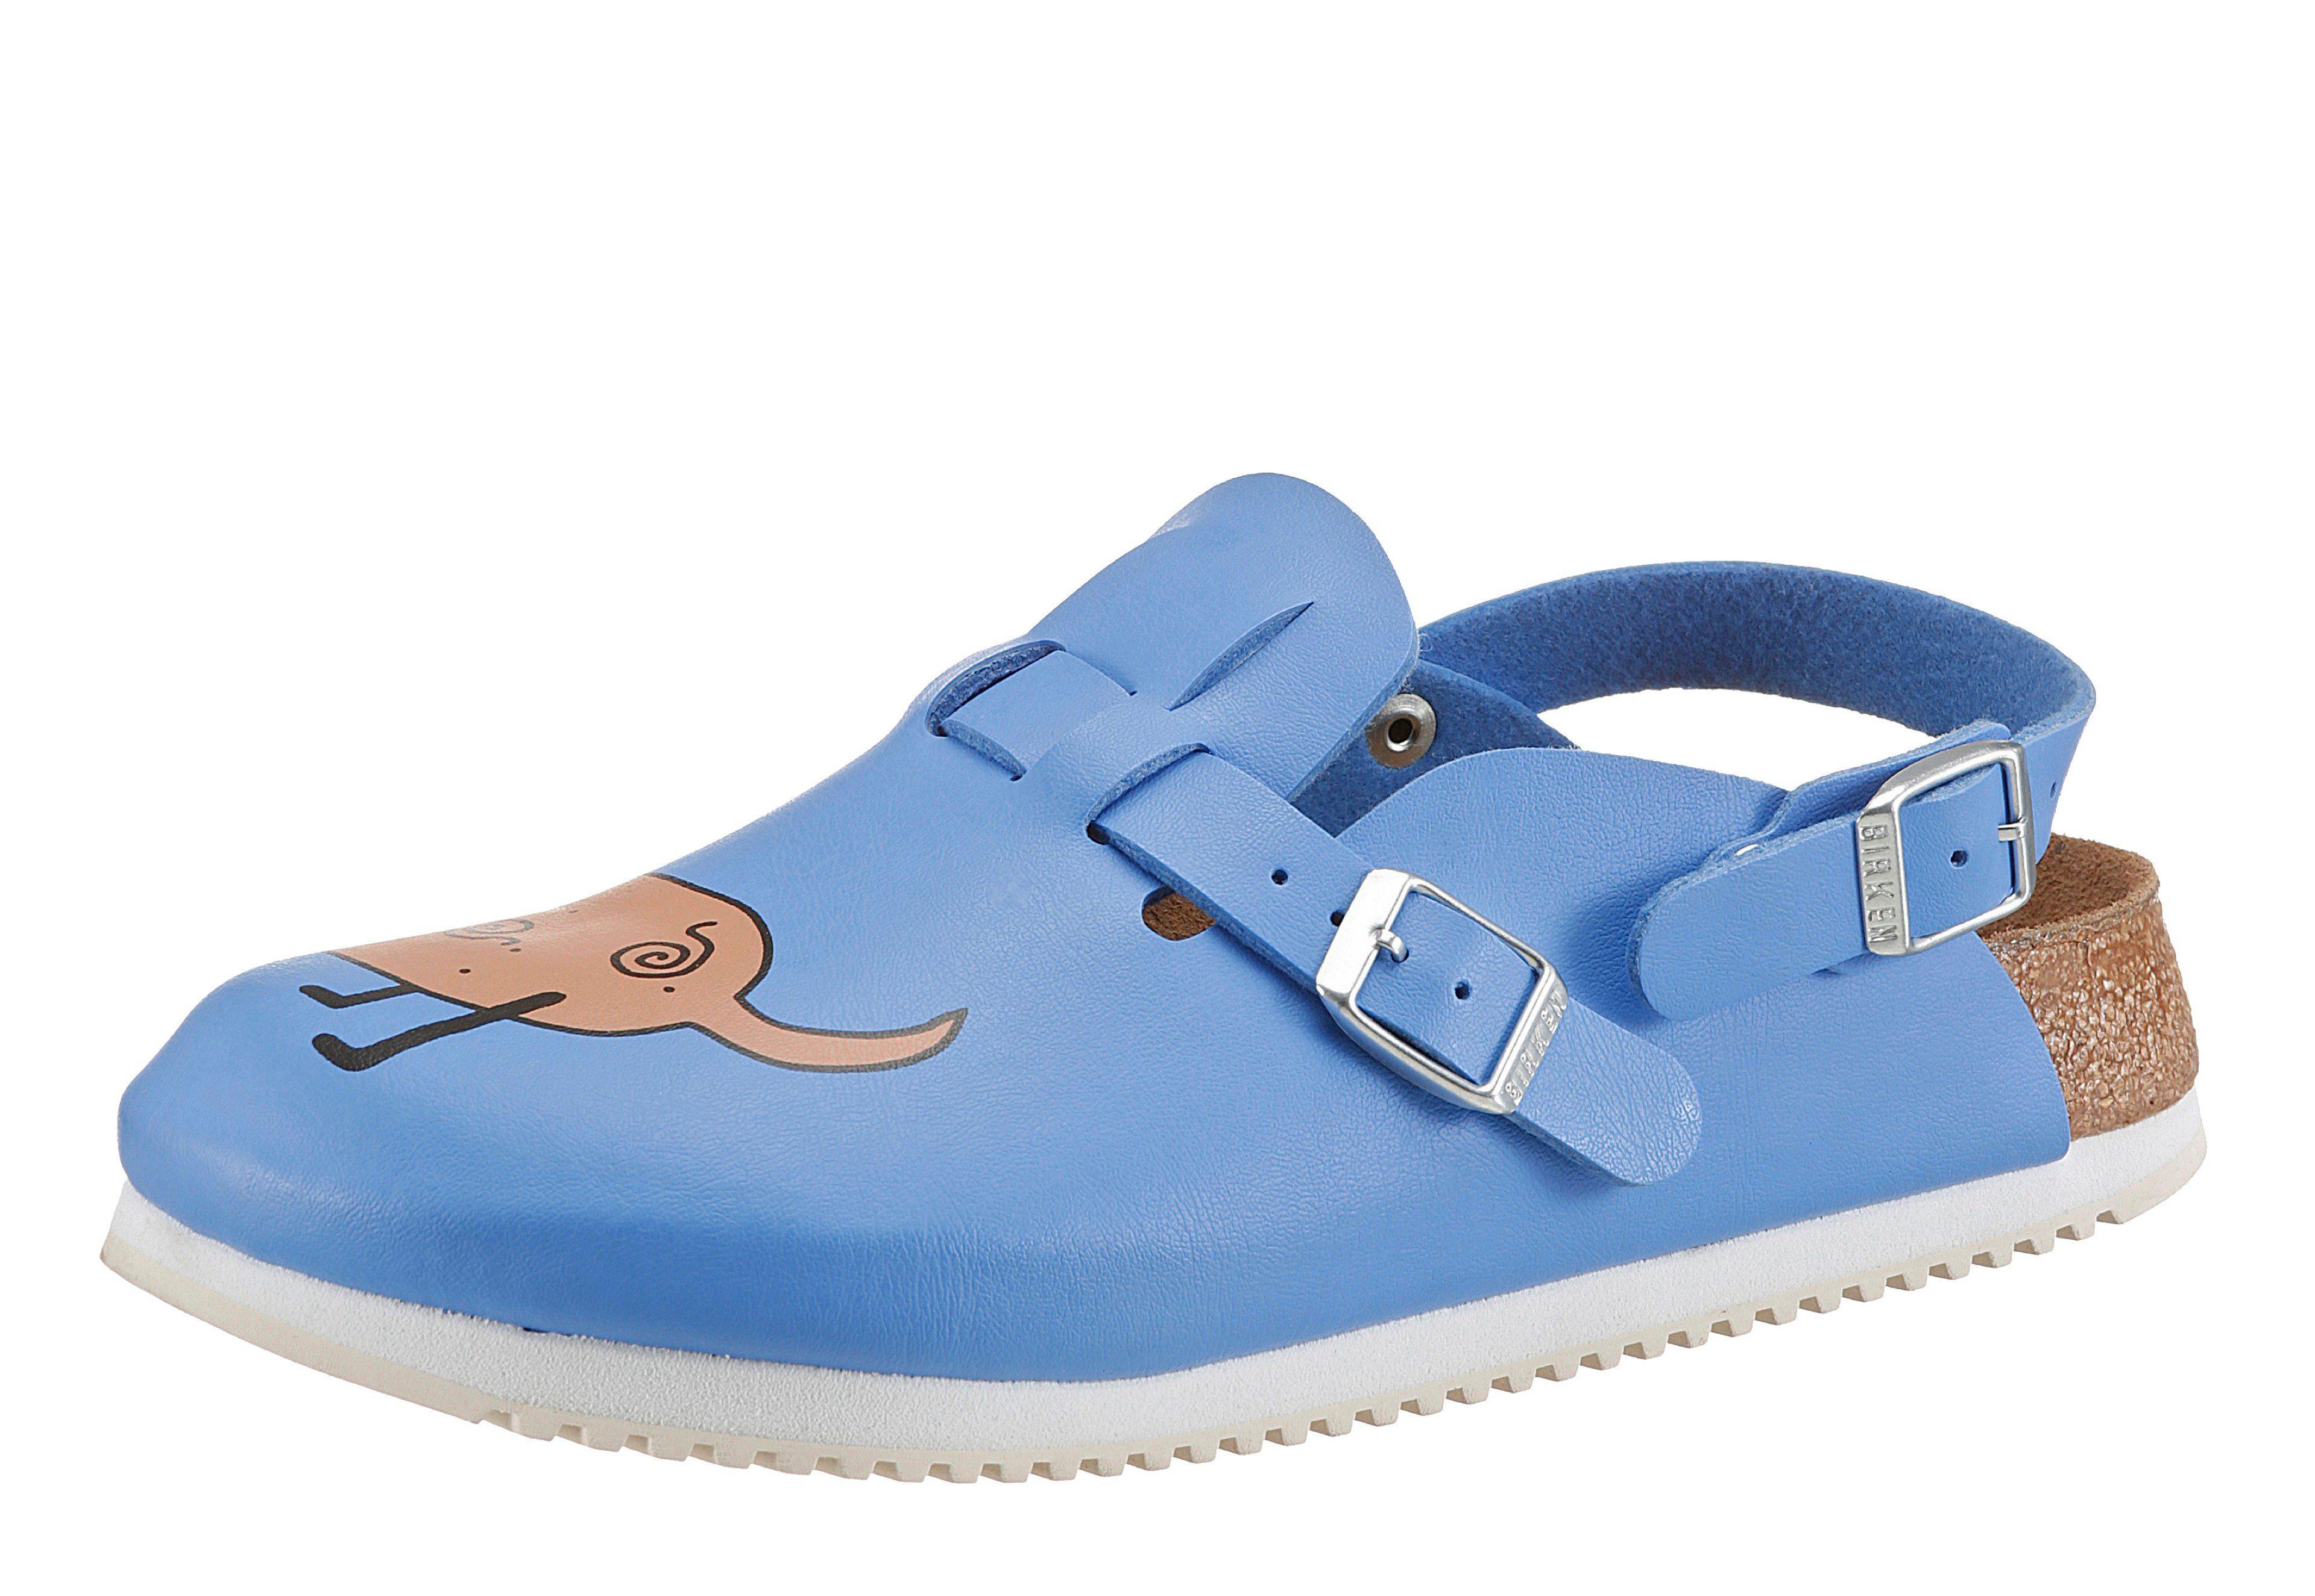 Birkenstock KAY SL Clog, umklappbarer und verstellbarer Fersenriemen online kaufen  blau-bunt